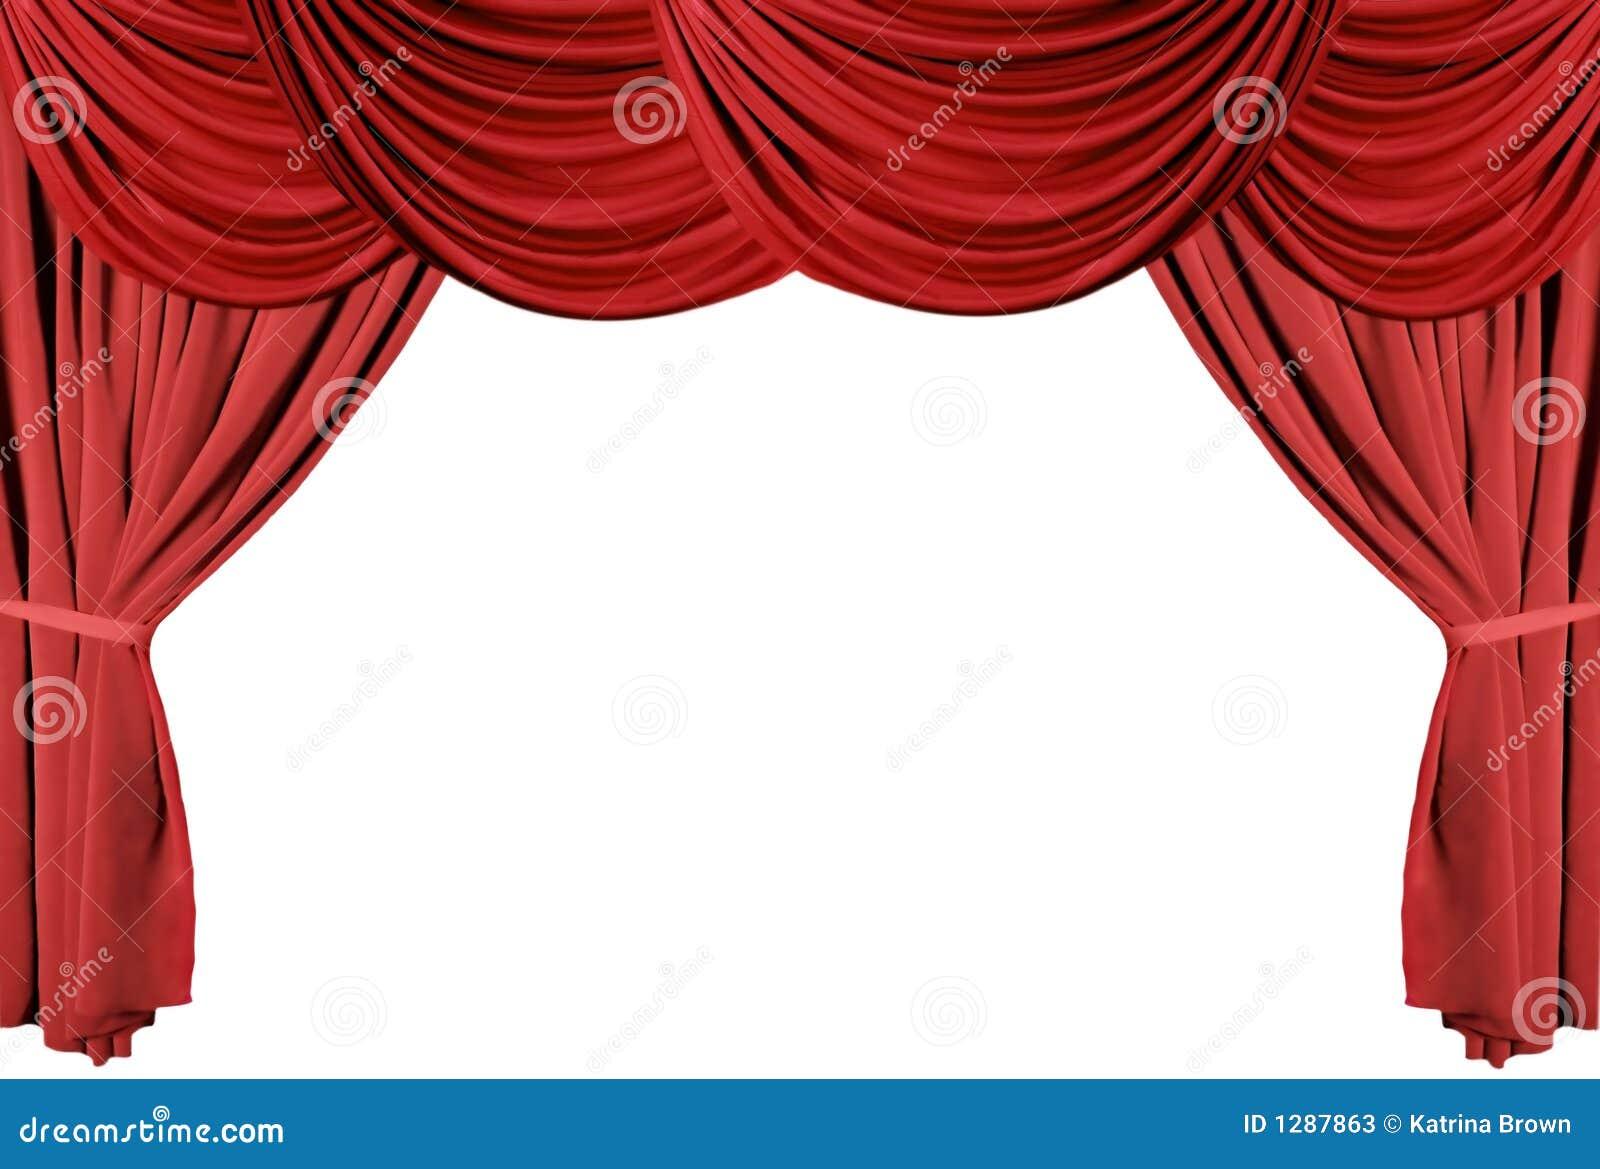 Photos stock: Série drapée rouge 3 de rideaux en théâtre